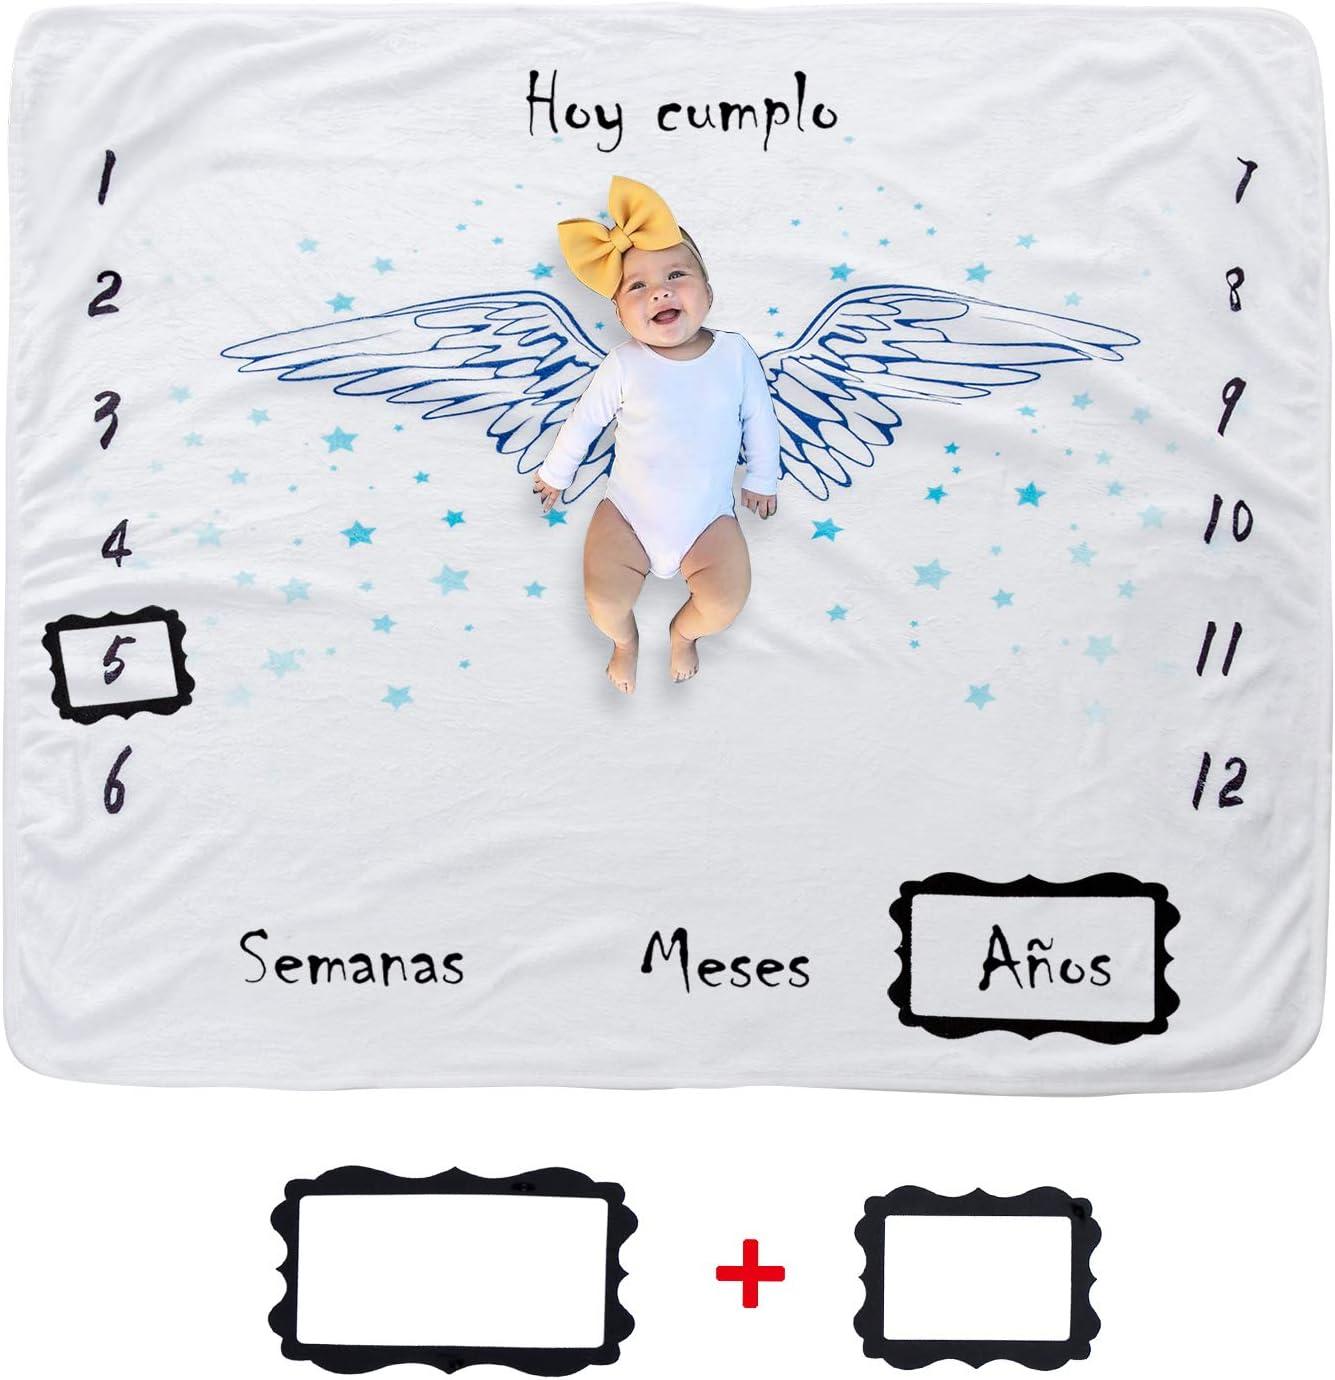 Hocaies Manta Bebe Manta Mensual Hito De Para Bebé Manta Bebe Personalizada Para Franela Adecuado para Regalos Originales para Bebes Recien Nacidos y Registros de Crecimiento Mensual.(100 * 100cm)